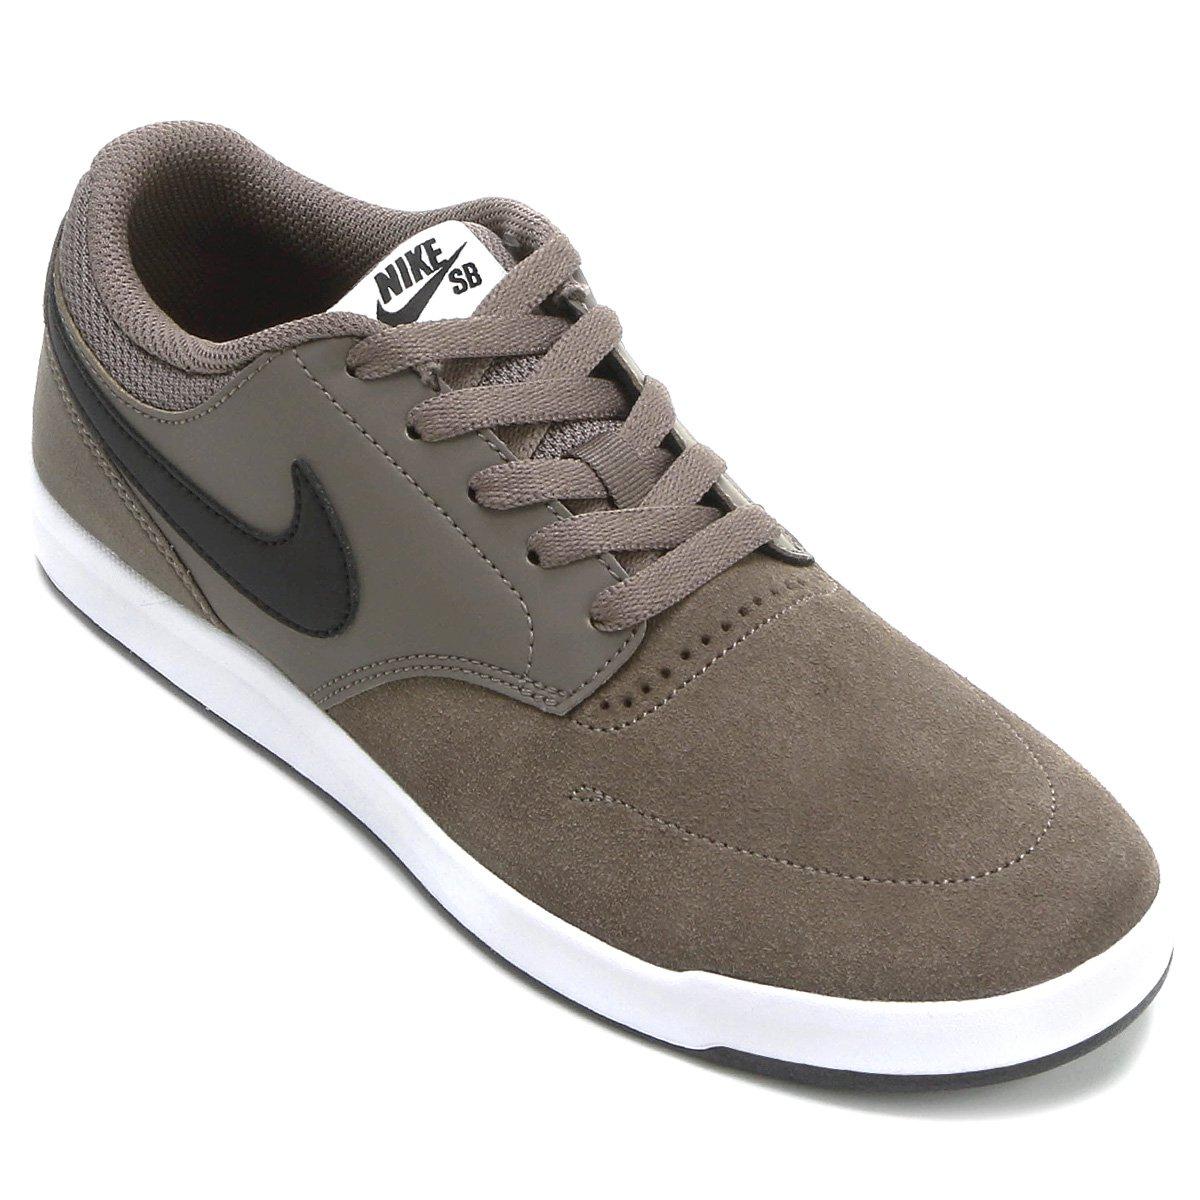 2d5175c8e4 Tênis Couro Nike SB Fokus Masculina - Marrom Claro e Preto - Compre ...